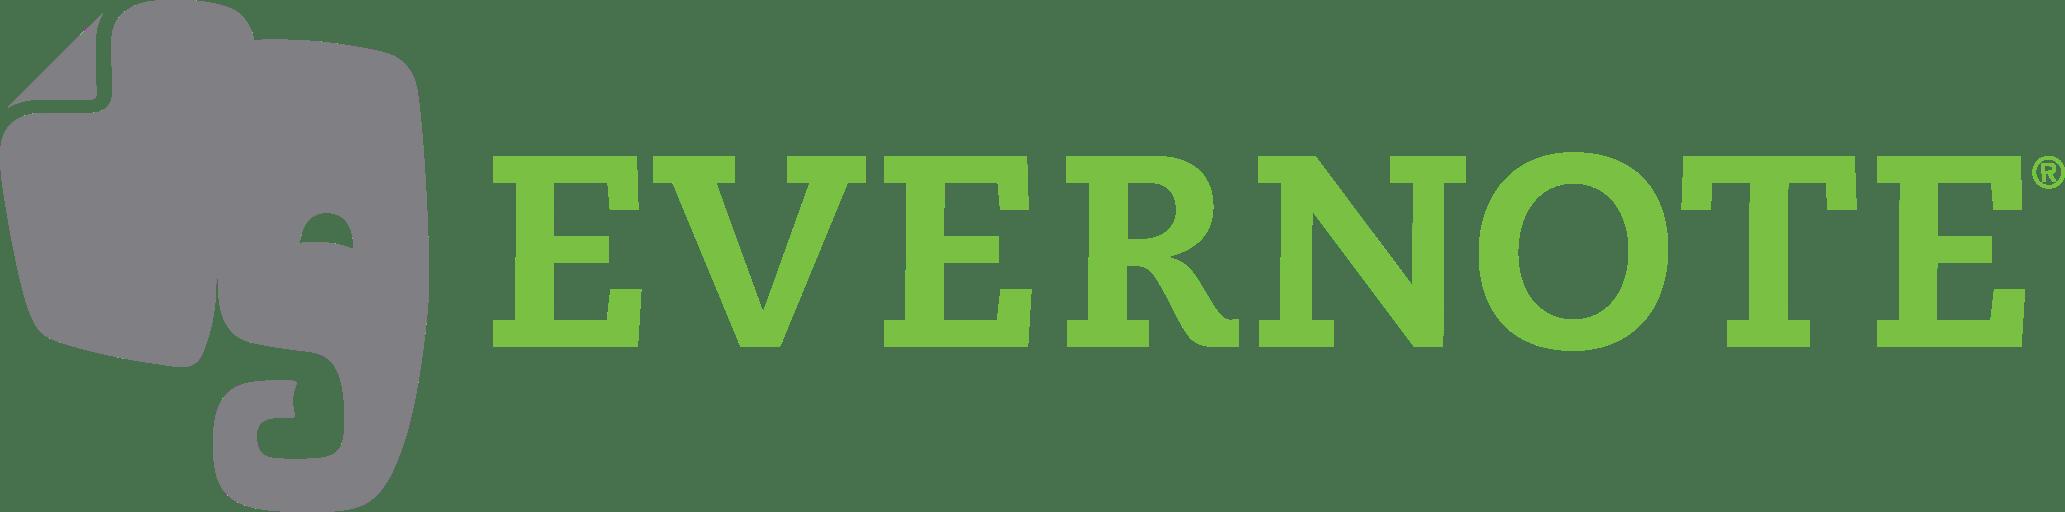 Połącz Rydoo z Evernote